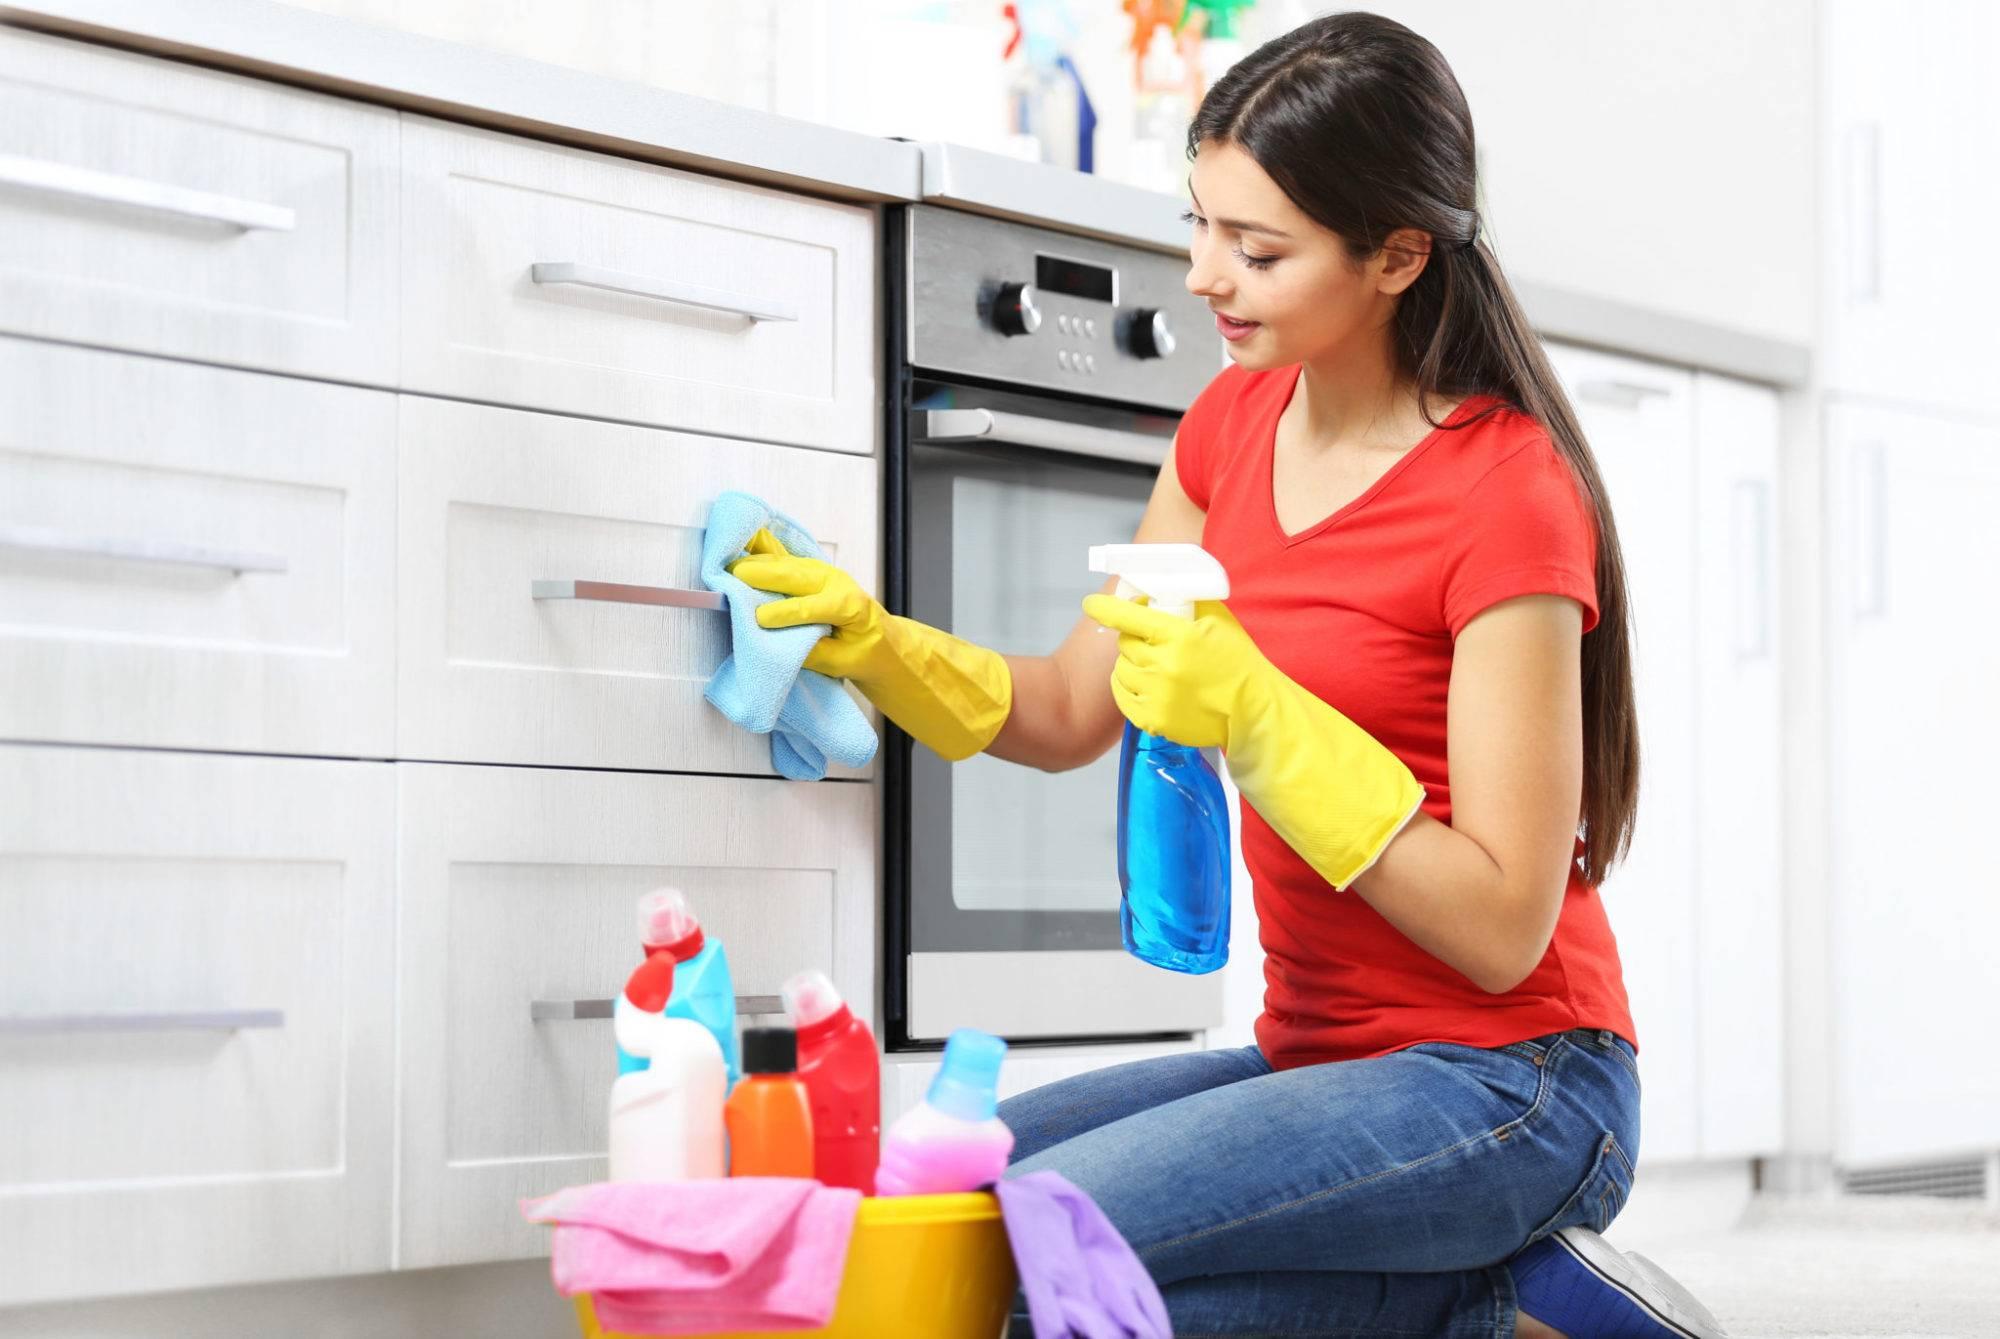 5 неочевидных ошибок в уборке, которые превращают ее в каторгу